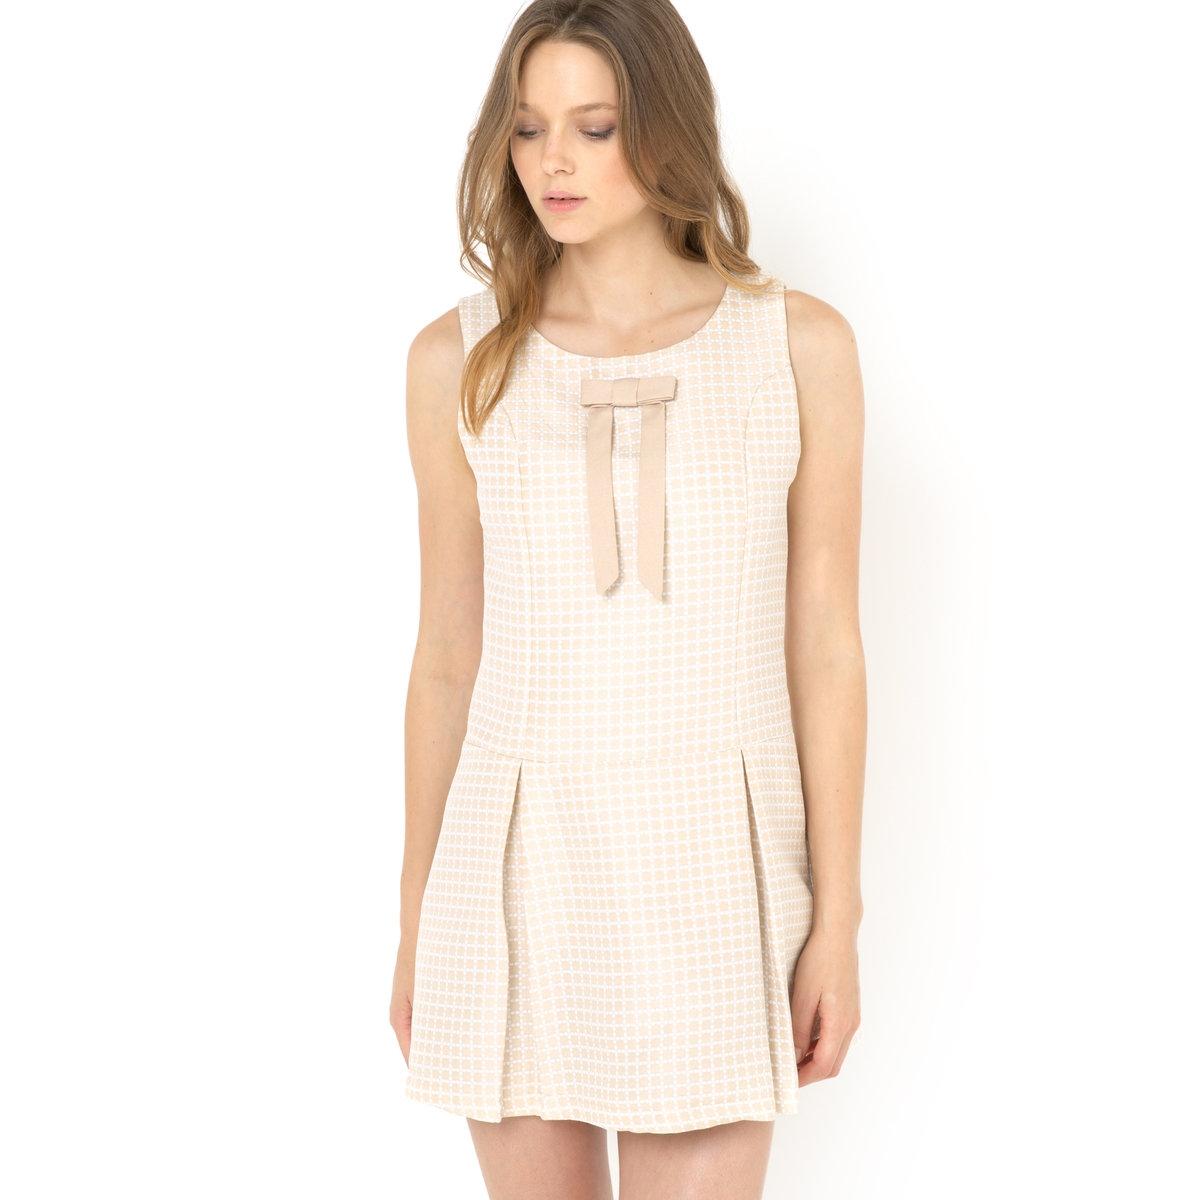 Платье без рукавов с декоративным бантомПлатье без рукавов на молнии, с эффектом стеганой ткани и декоративным бантом, Molly Bracken.Изящное платье нежной расцветки с рисунком, декоративным бантом спереди и модной видимой застежкой на молнию сзади: Вам наверняка придется по душе осовремененный классический стиль этого платья, которое Вам точно пригодится для ближайшей вечеринки или важного ужина! Платье без рукавов. Застежка на молнию сзади. Пришитый декоративный бант спереди. 100% полиэстера.<br><br>Цвет: бежевый<br>Размер: 2(M)